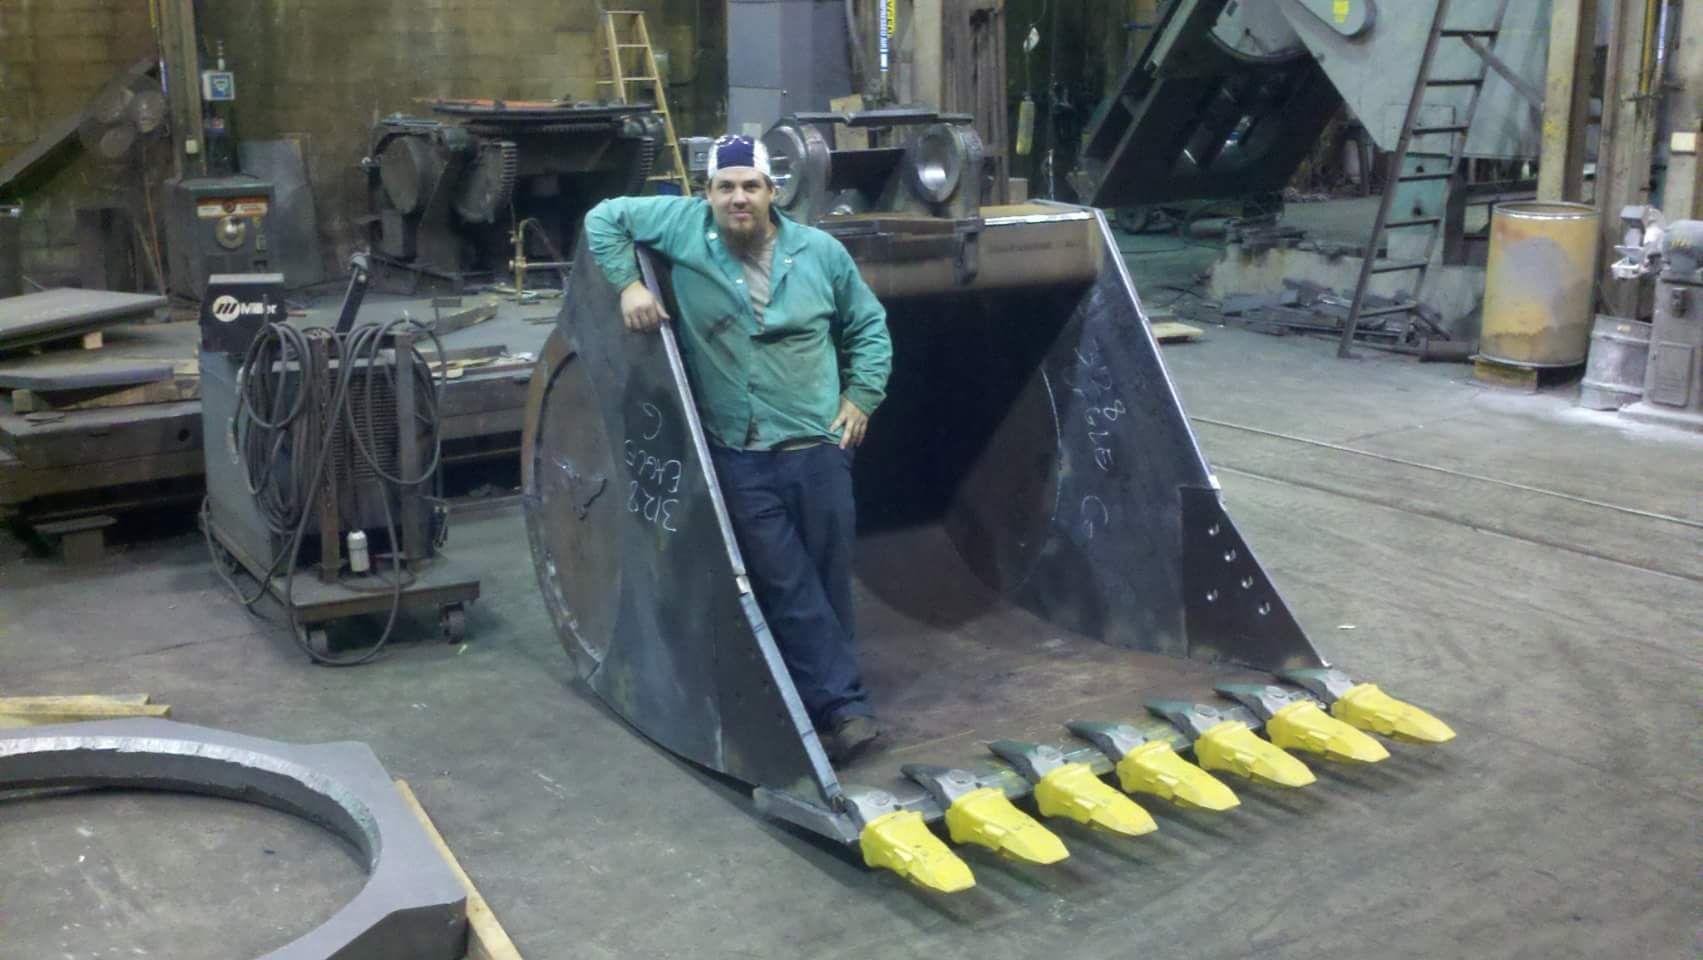 Bucket For A 385 Excavator I Built In 2011 Welding Trailer Excavator Excavator Buckets